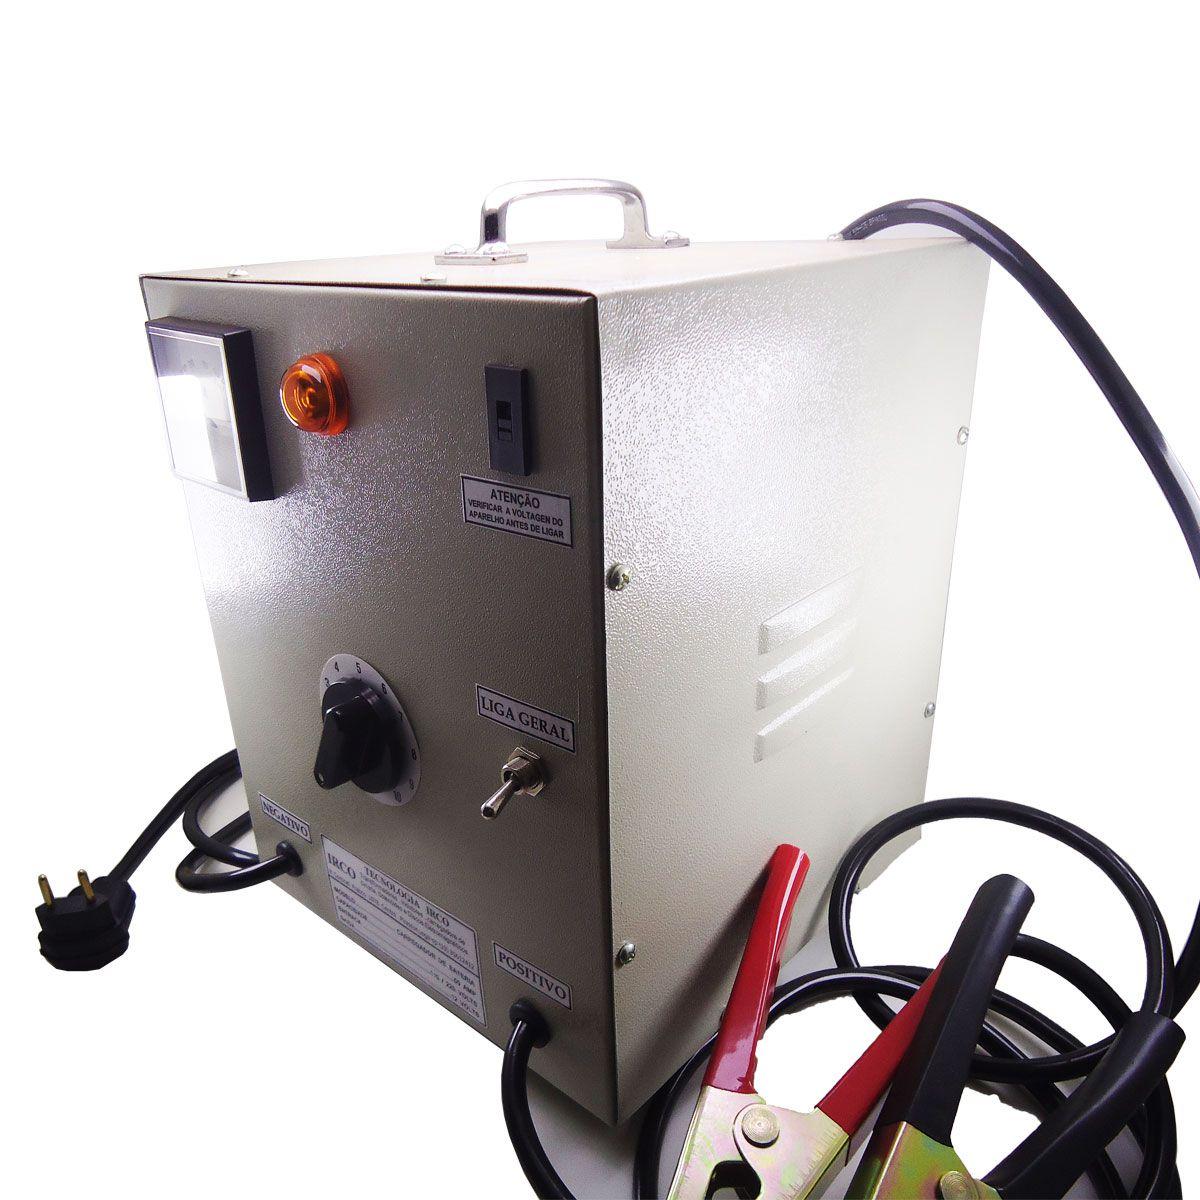 Carregador de Bateria 12V / 50A Irco com Chave 110/220V